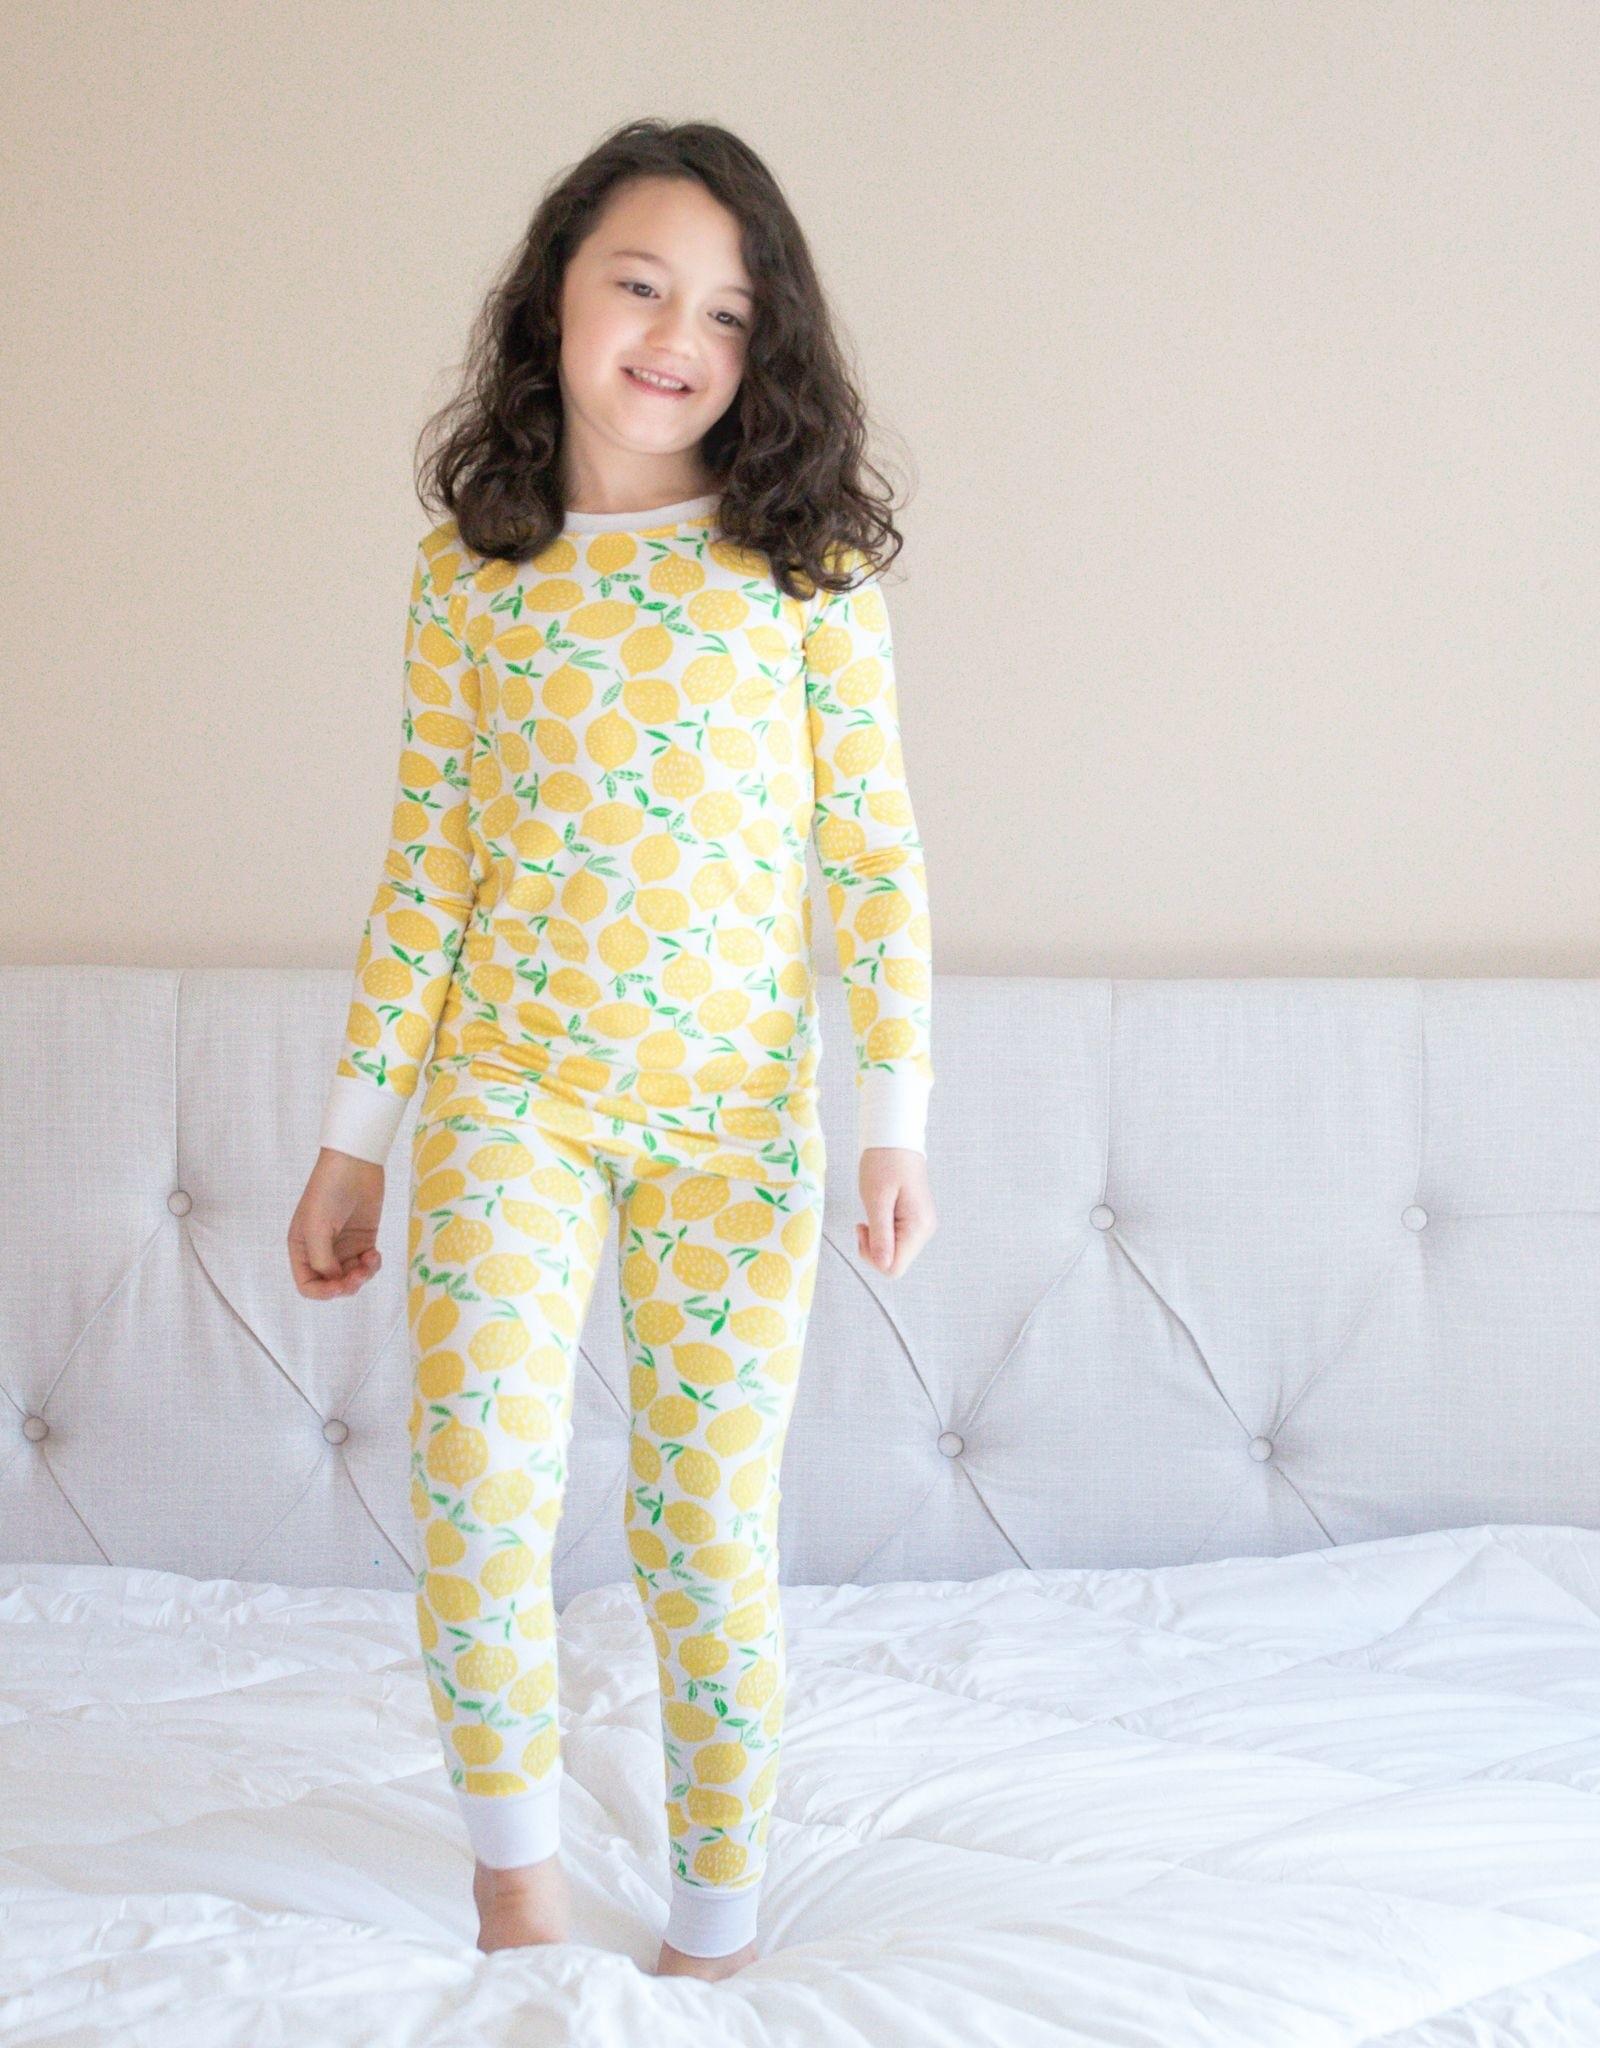 Little Sleepies lemons pajamas